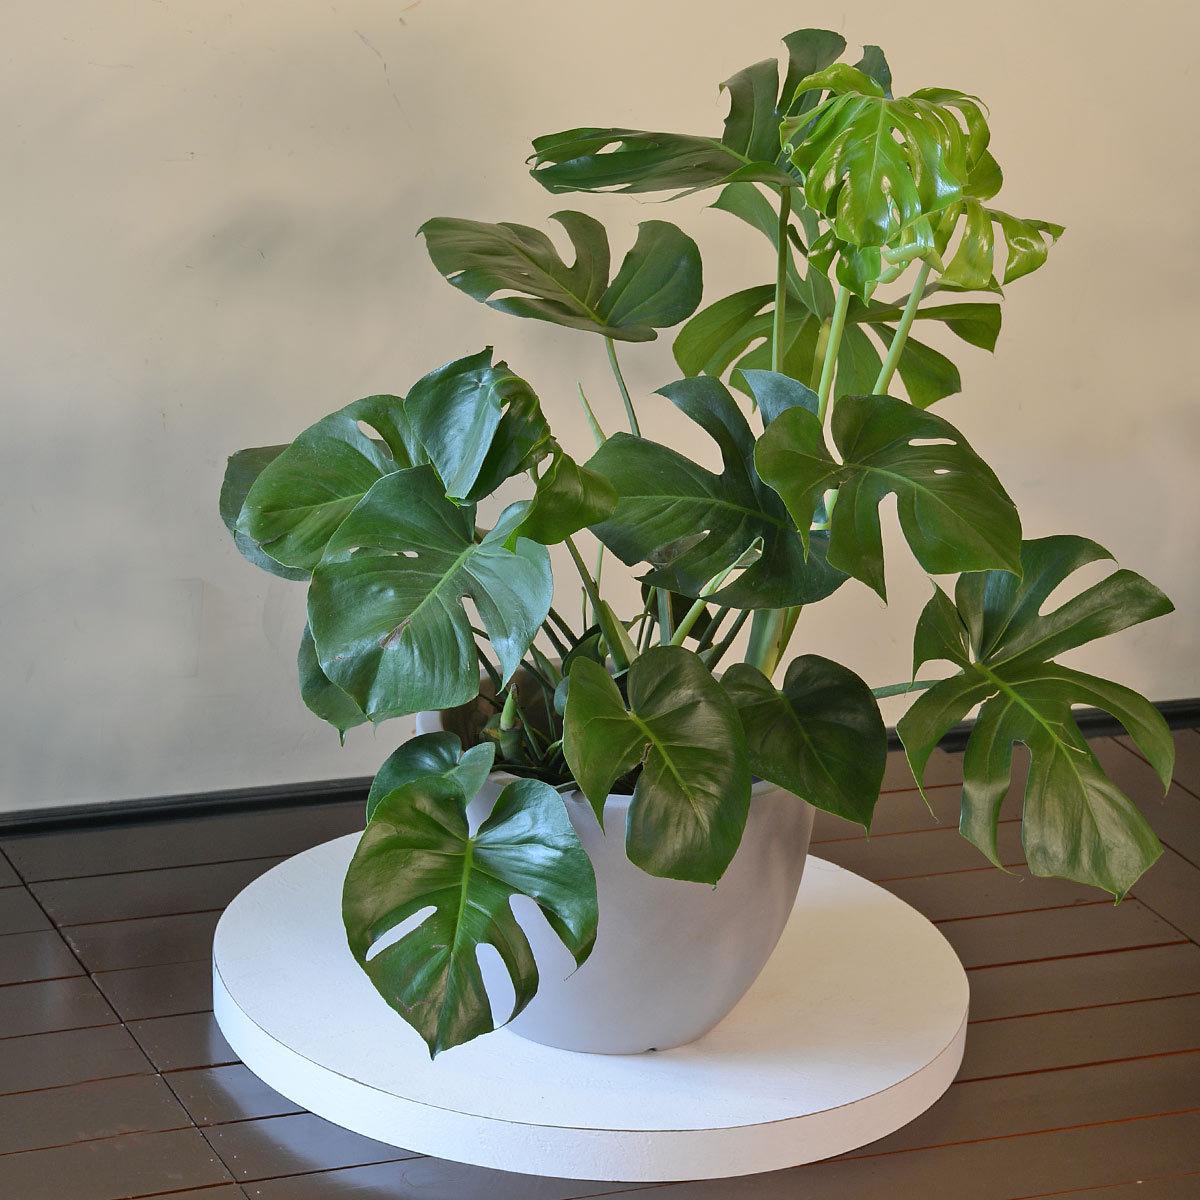 Польза и вред комнатных растений и их влияние на здоровье человека